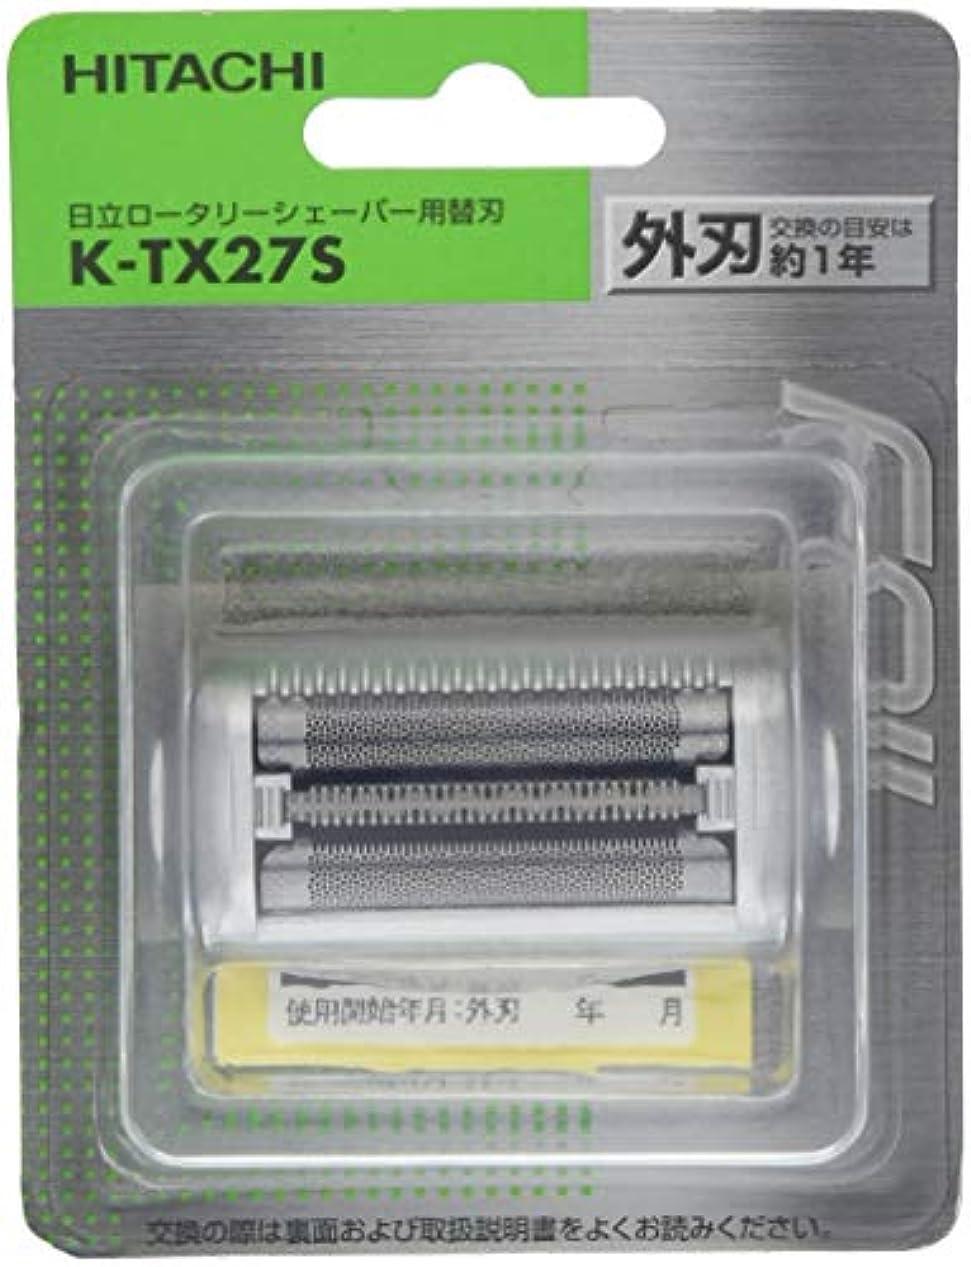 獲物葉満たす日立 メンズシェーバー用替刃(外刃) K-TX27S